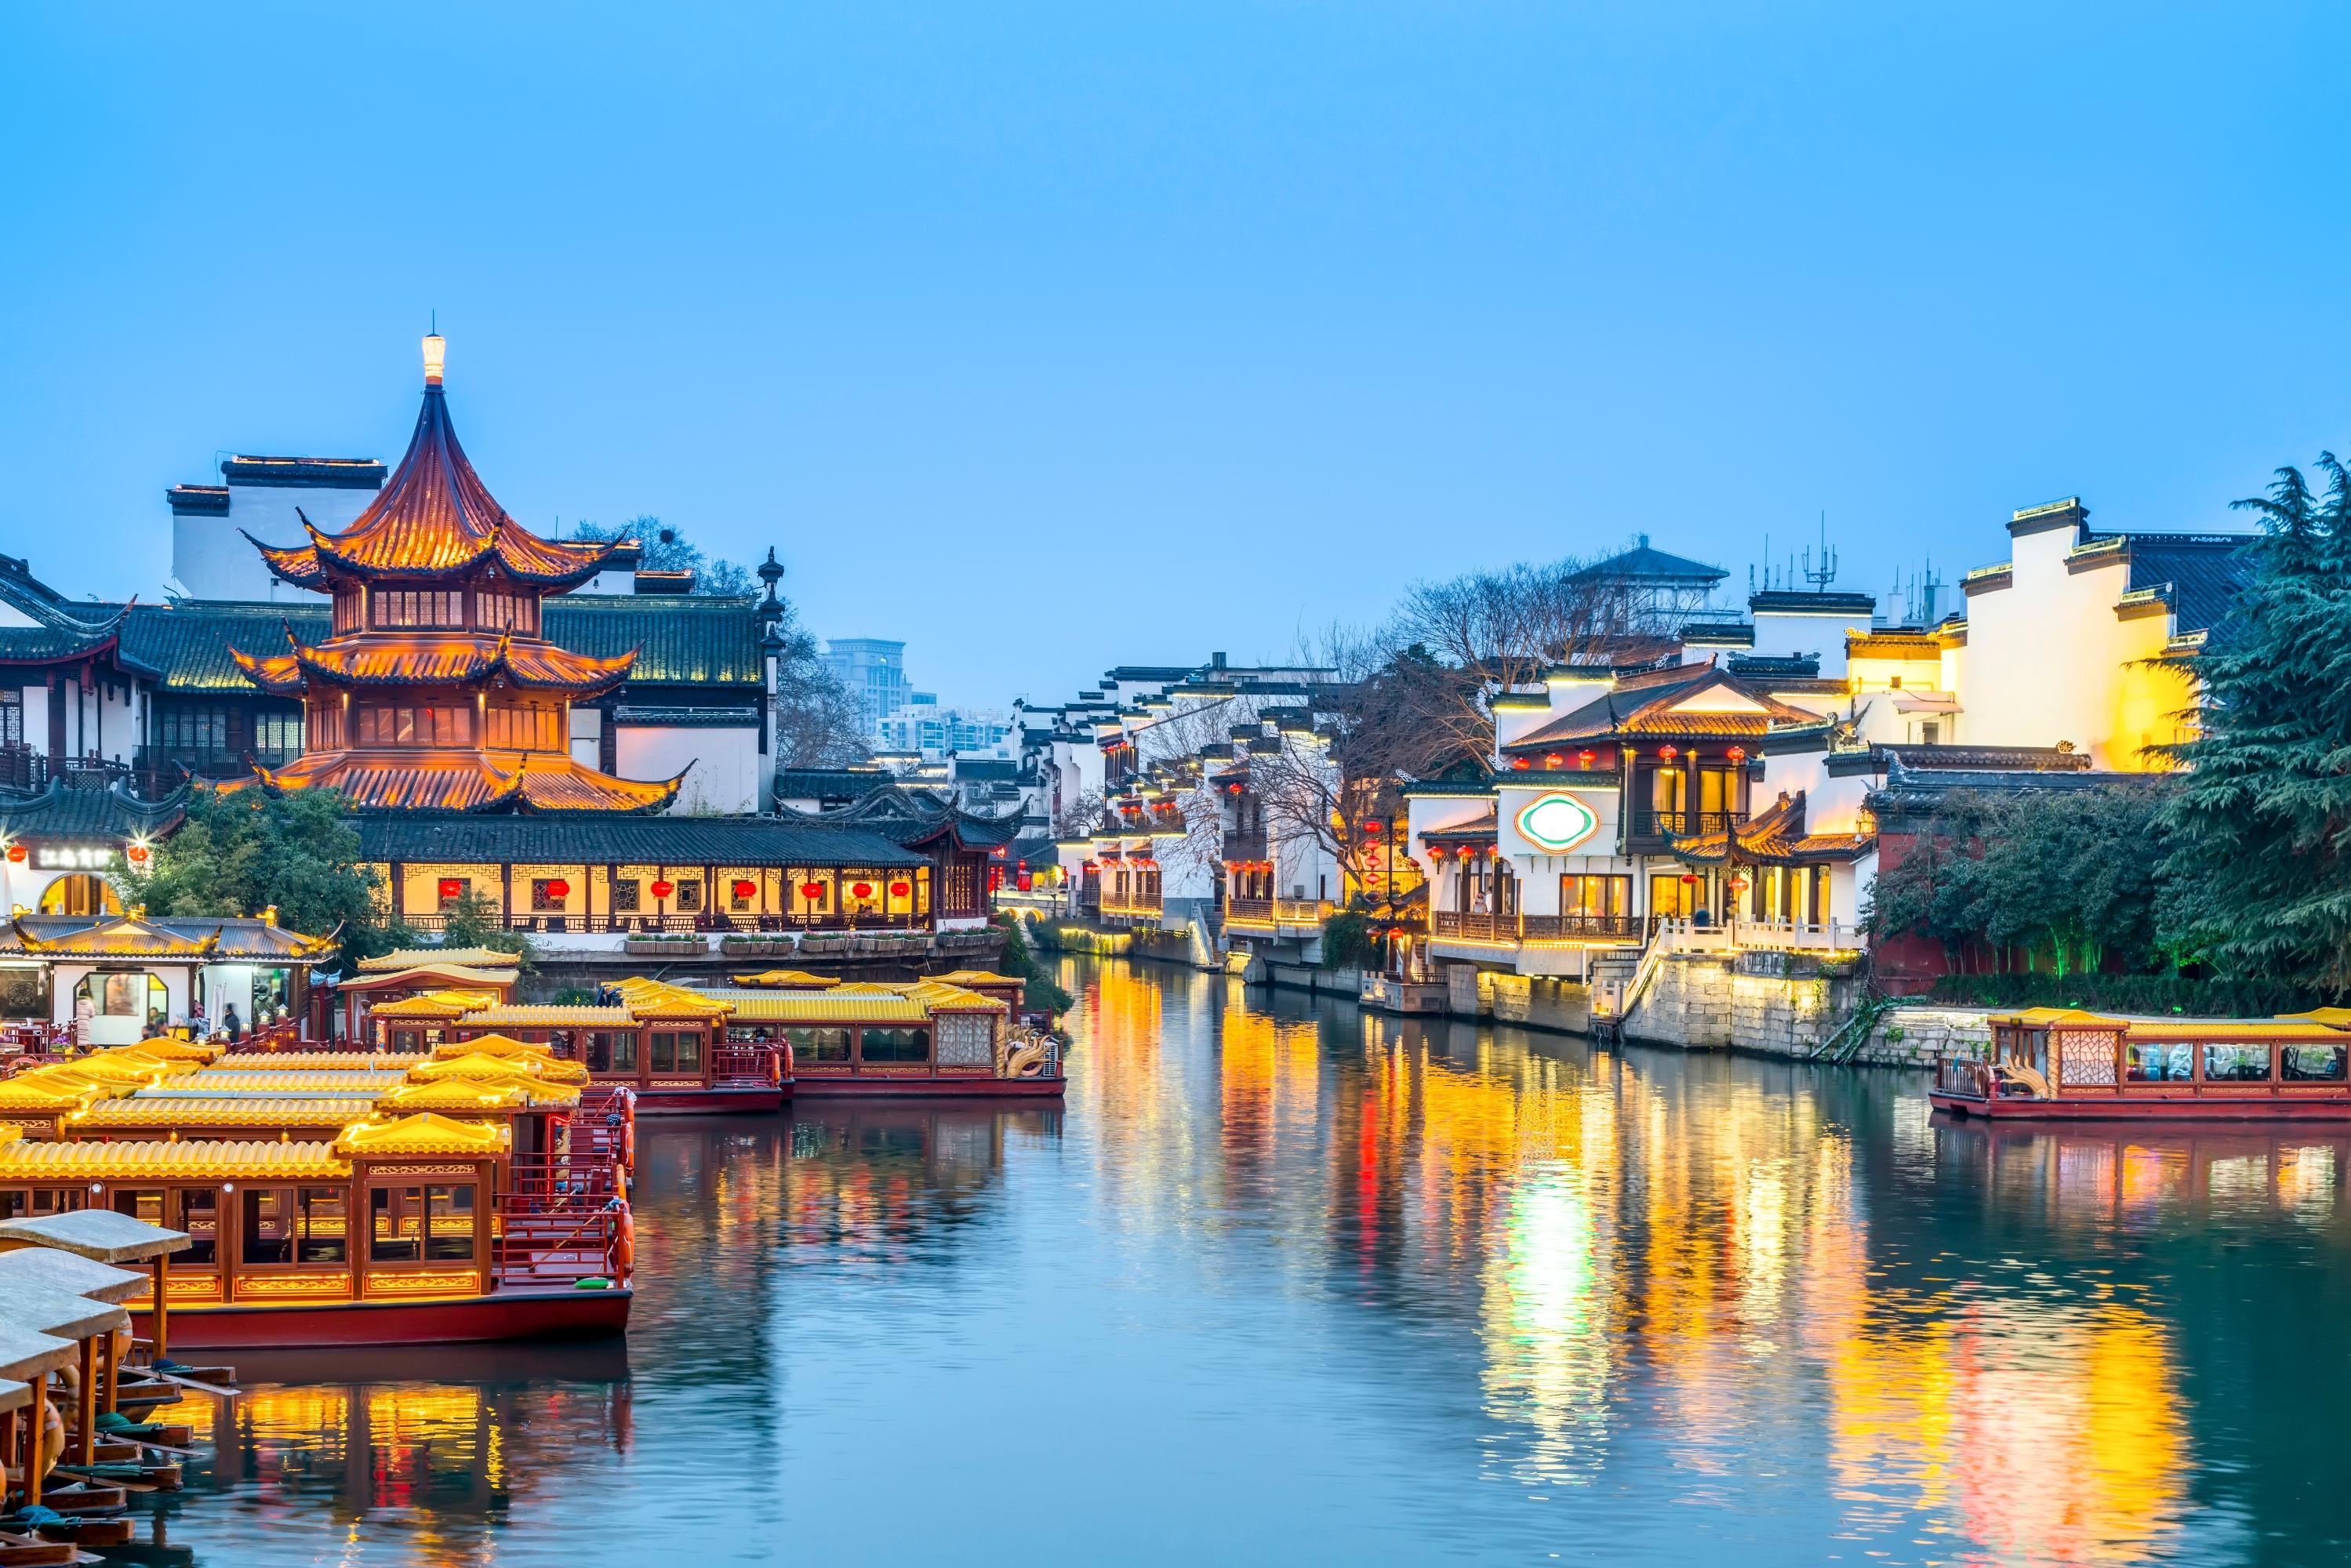 夫子庙秦淮河风光带旅游景点图片